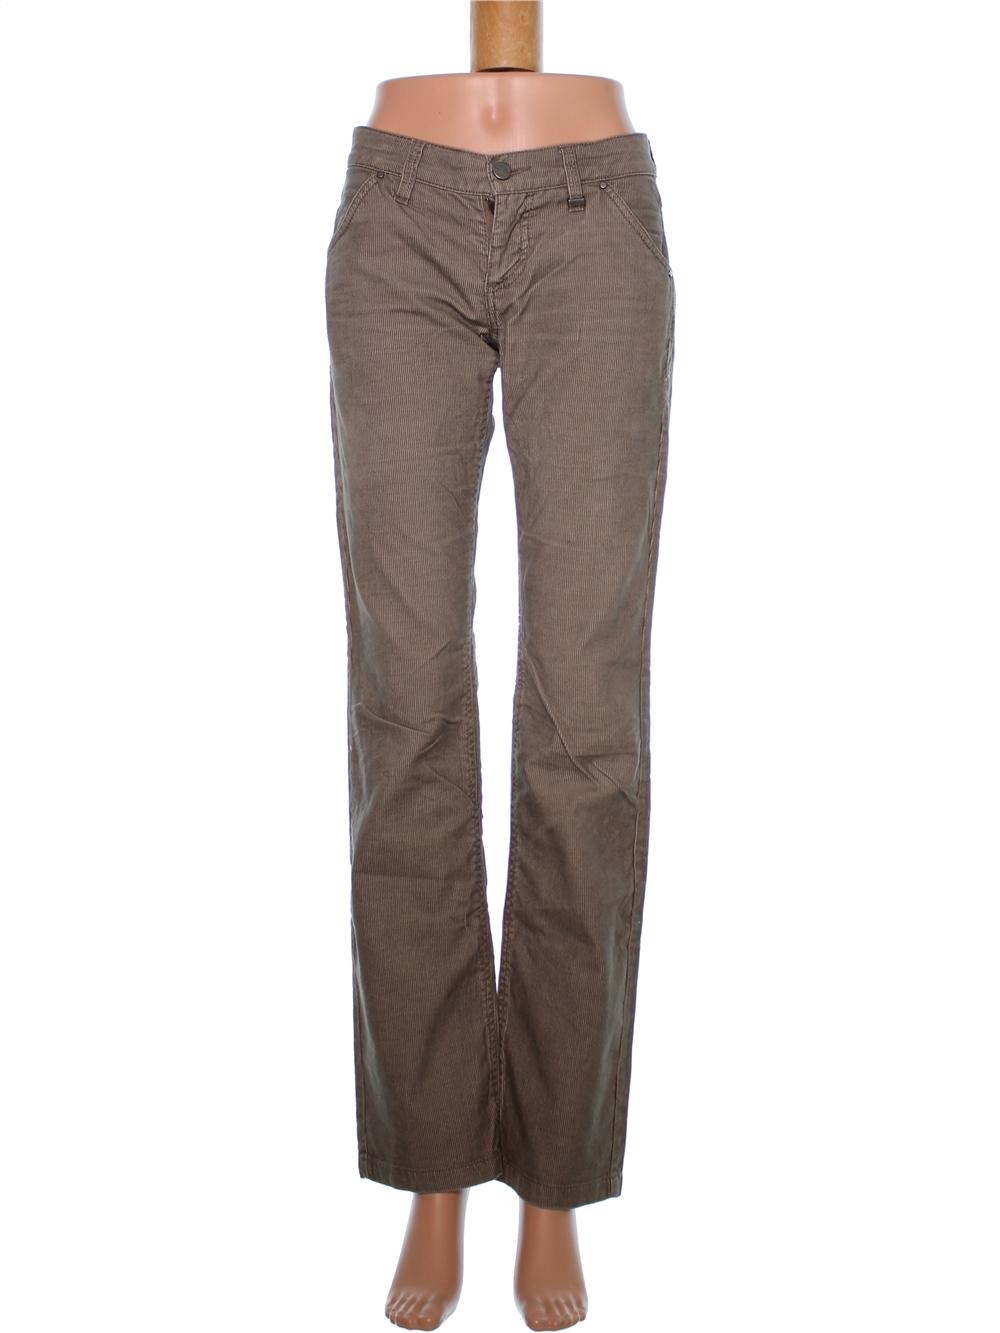 Mexx Femme €1076936 99 Pantalon 34s Cher14 T1Pas rQhosdCBtx